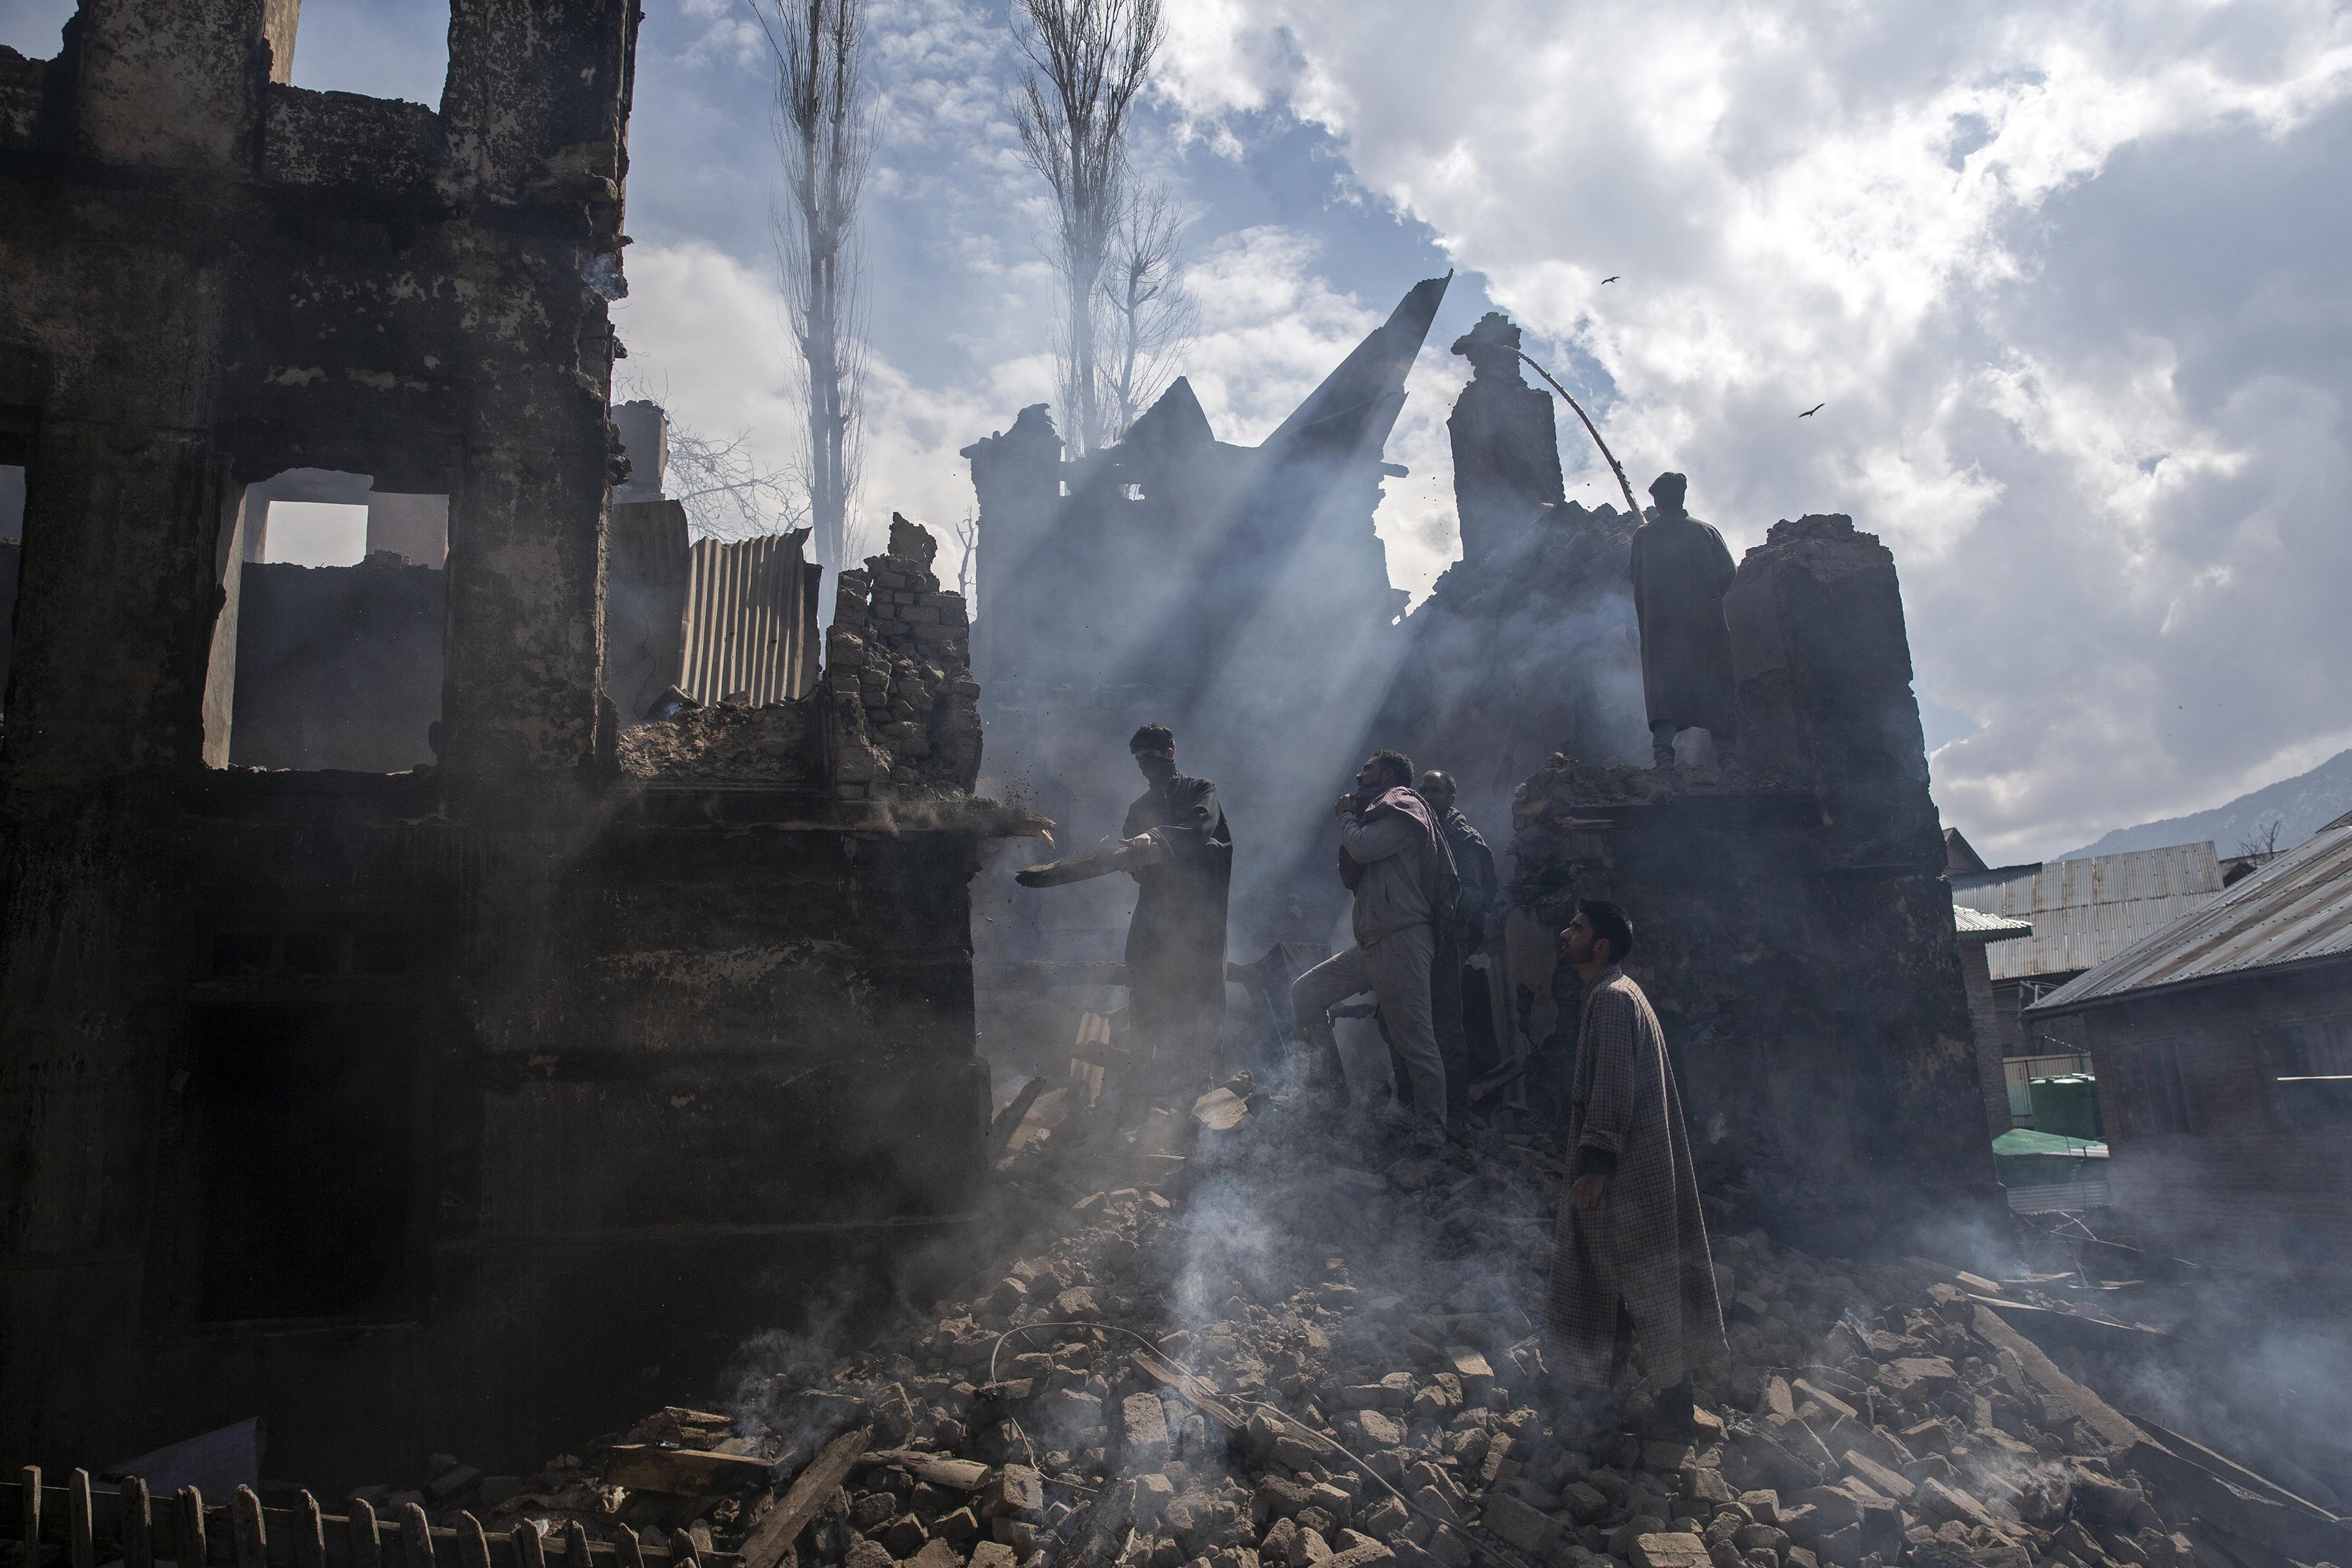 Los hombres de Cachemira desmantelan una parte de una casa destruida en un tiroteo en la aldea de Tral, al sur de Srinagar, Cachemira (Foto AP / Dar Yasin)